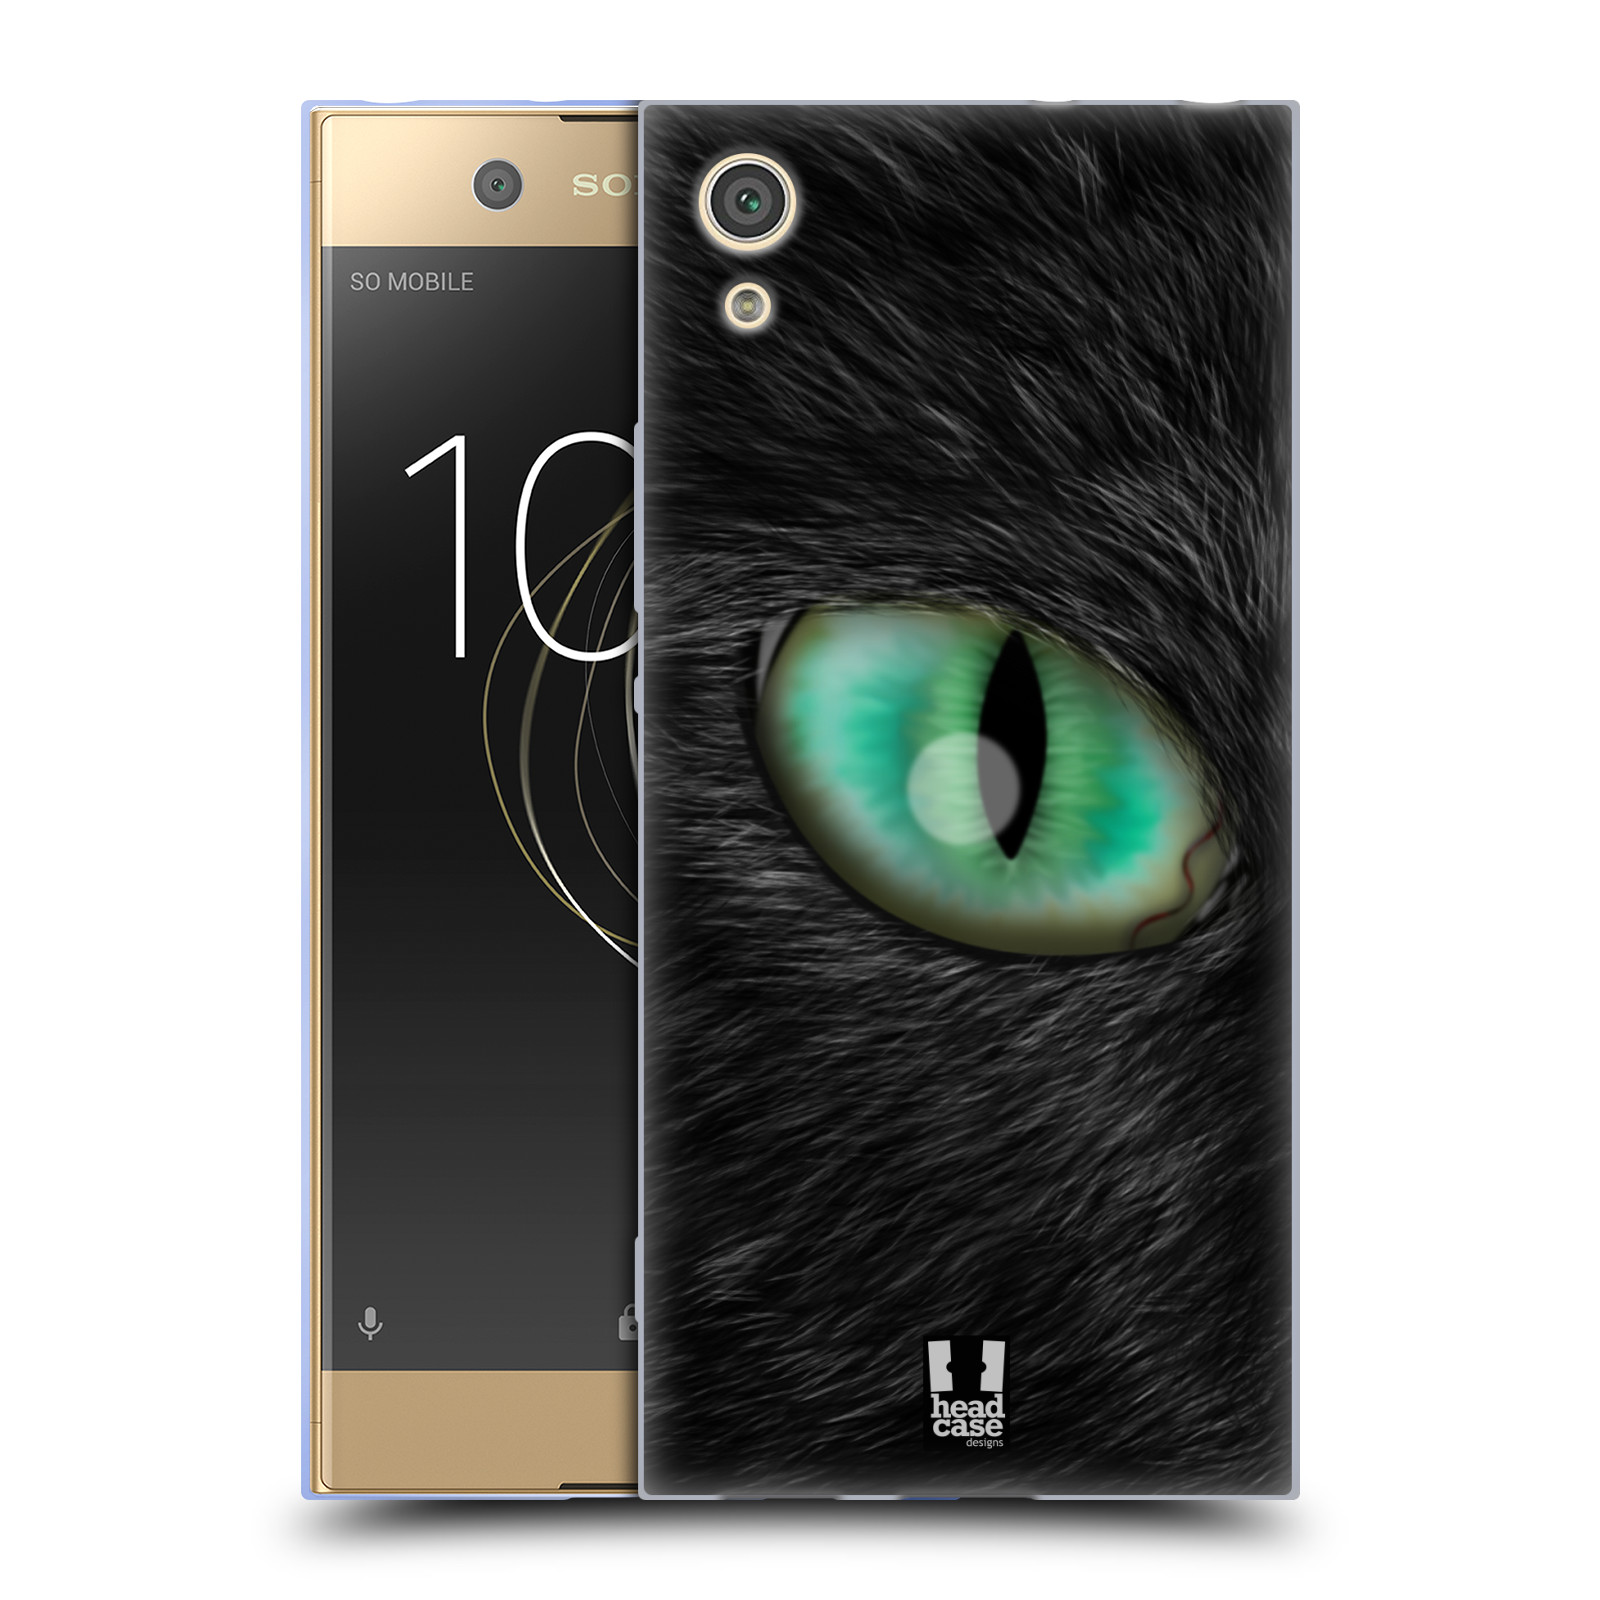 HEAD CASE silikonový obal na mobil Sony Xperia XA1 / XA1 DUAL SIM vzor pohled zvířete oko kočka